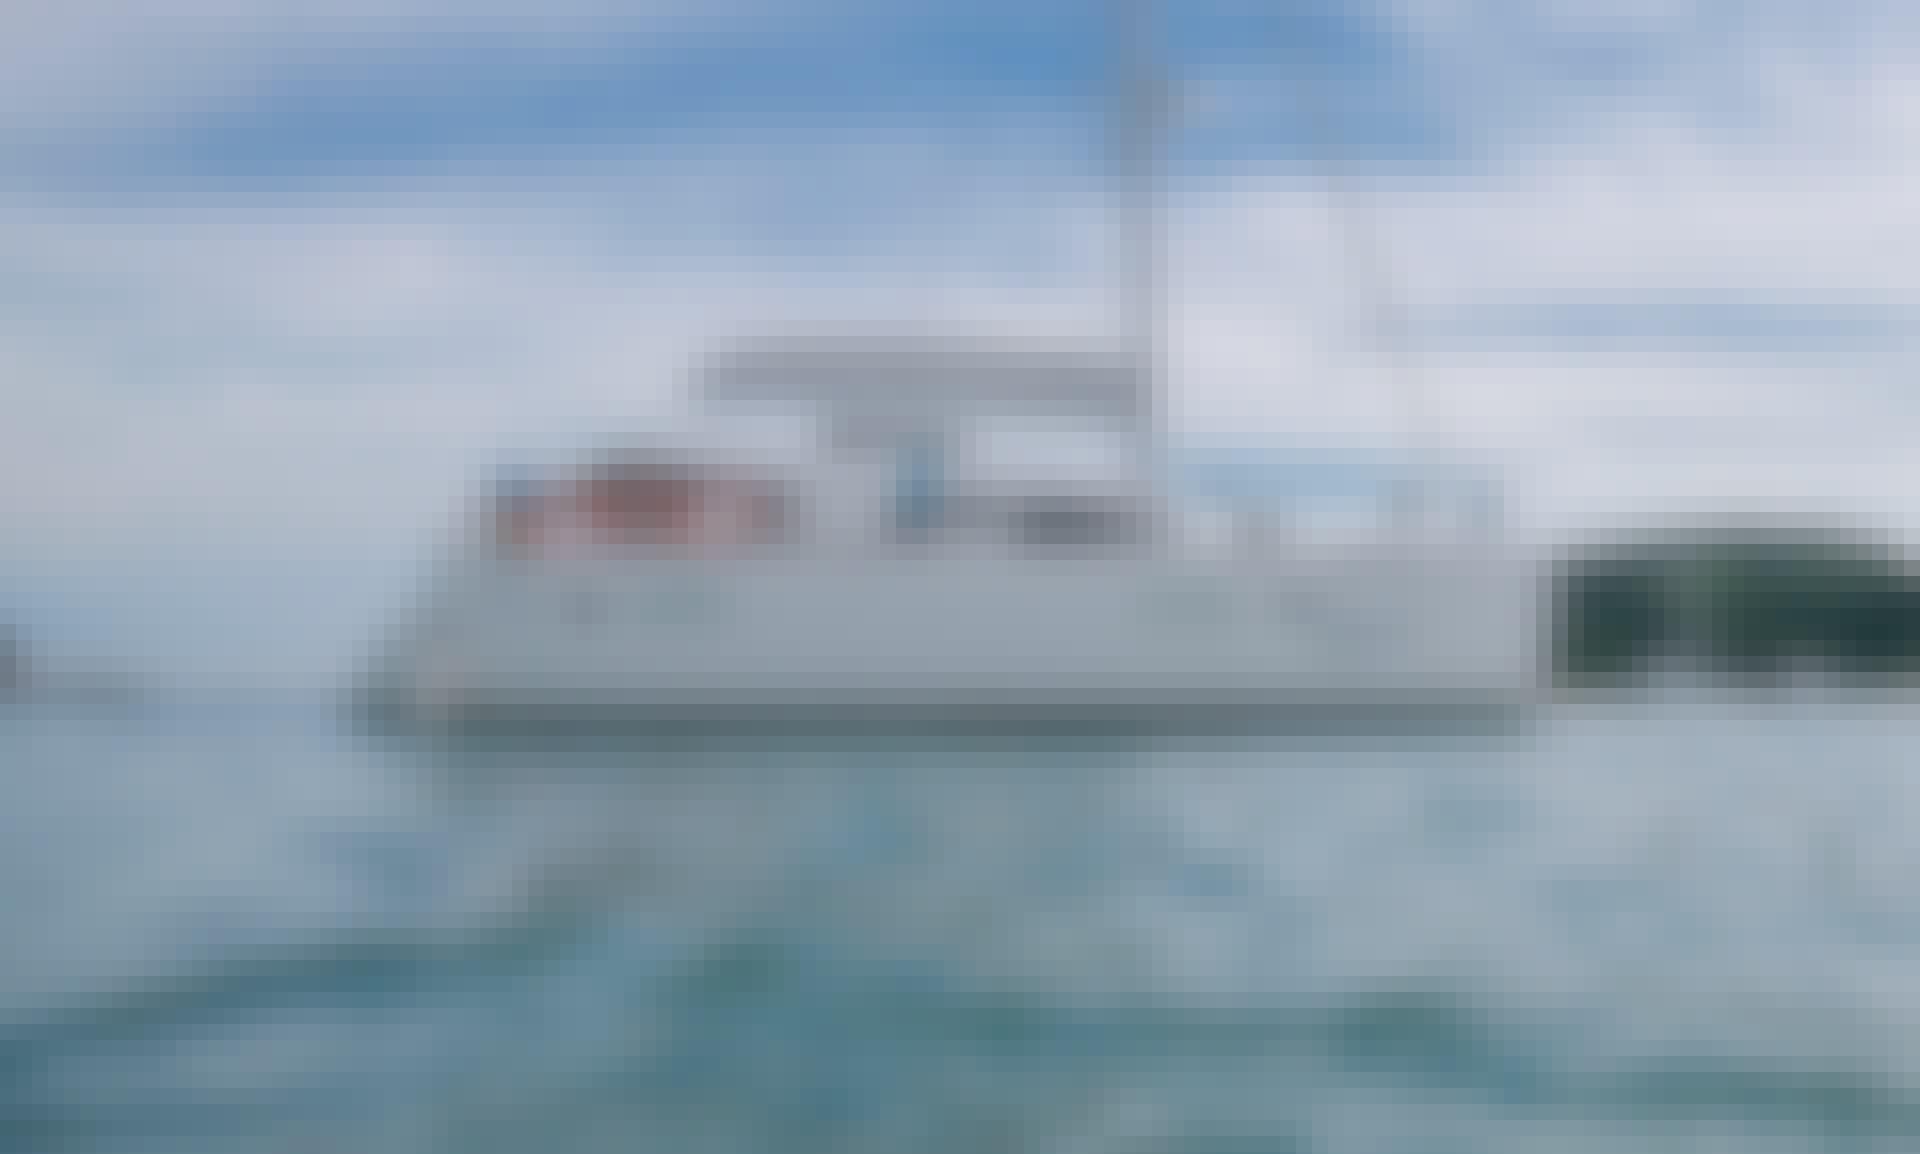 40' Ximula Lagoon 400 S2 Sailing Catamaran in Sentosa Cove, Singapore